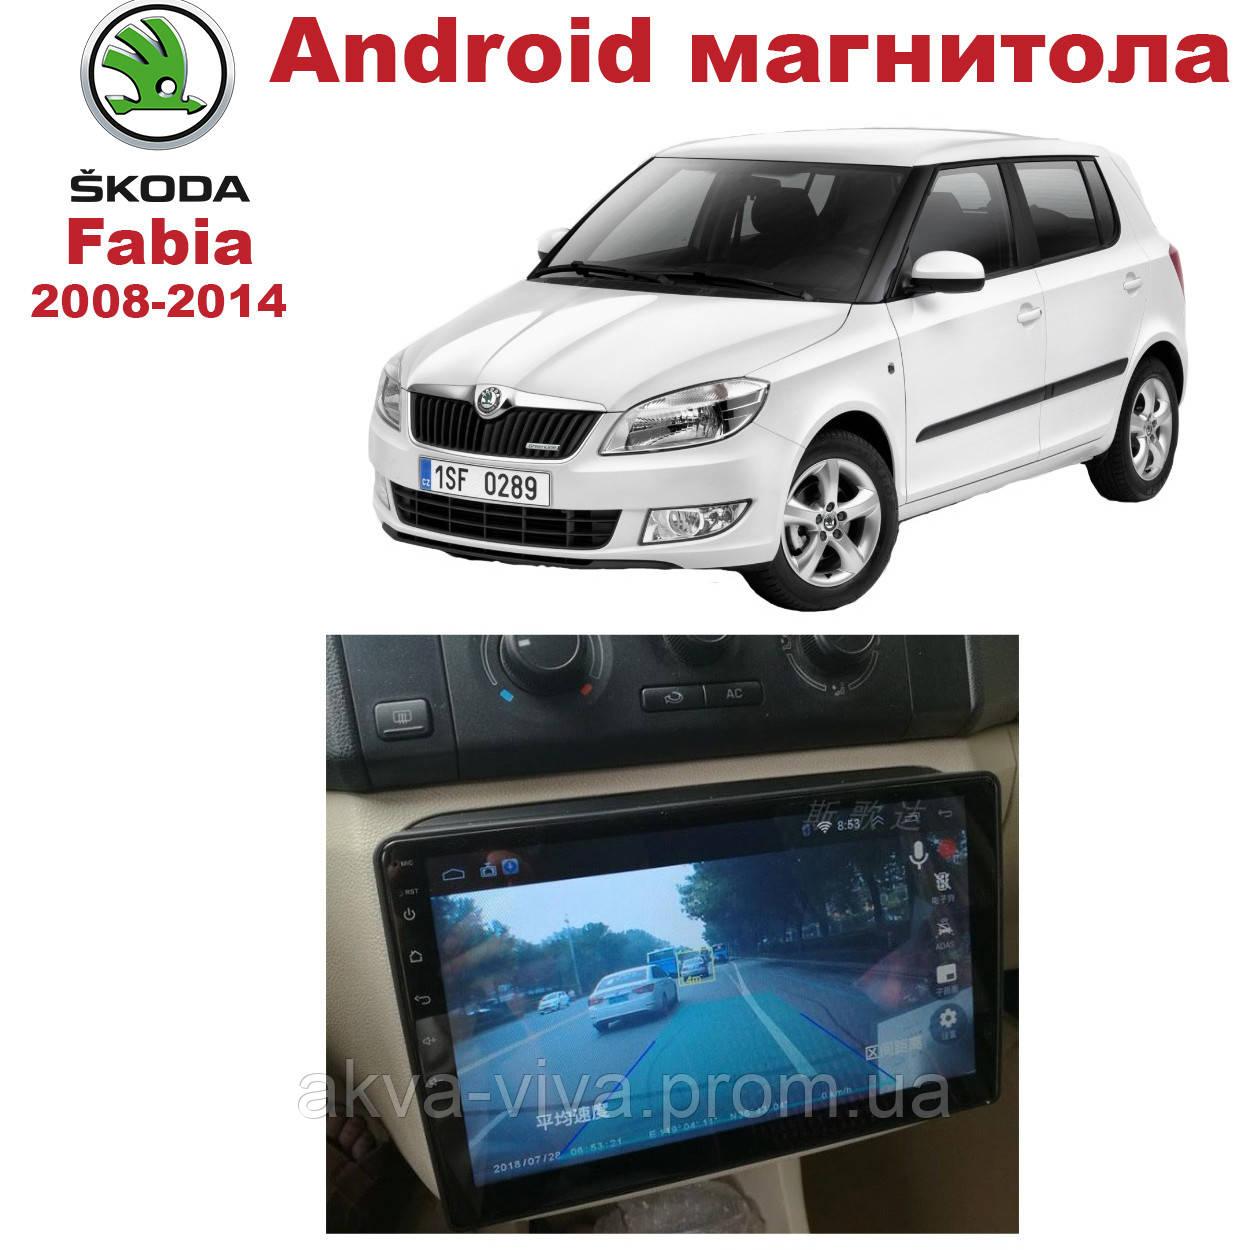 Штатная автомагнитола для Skoda Fabia 2008-2014 на ANDROID 8.1 (М-ШФ-10)